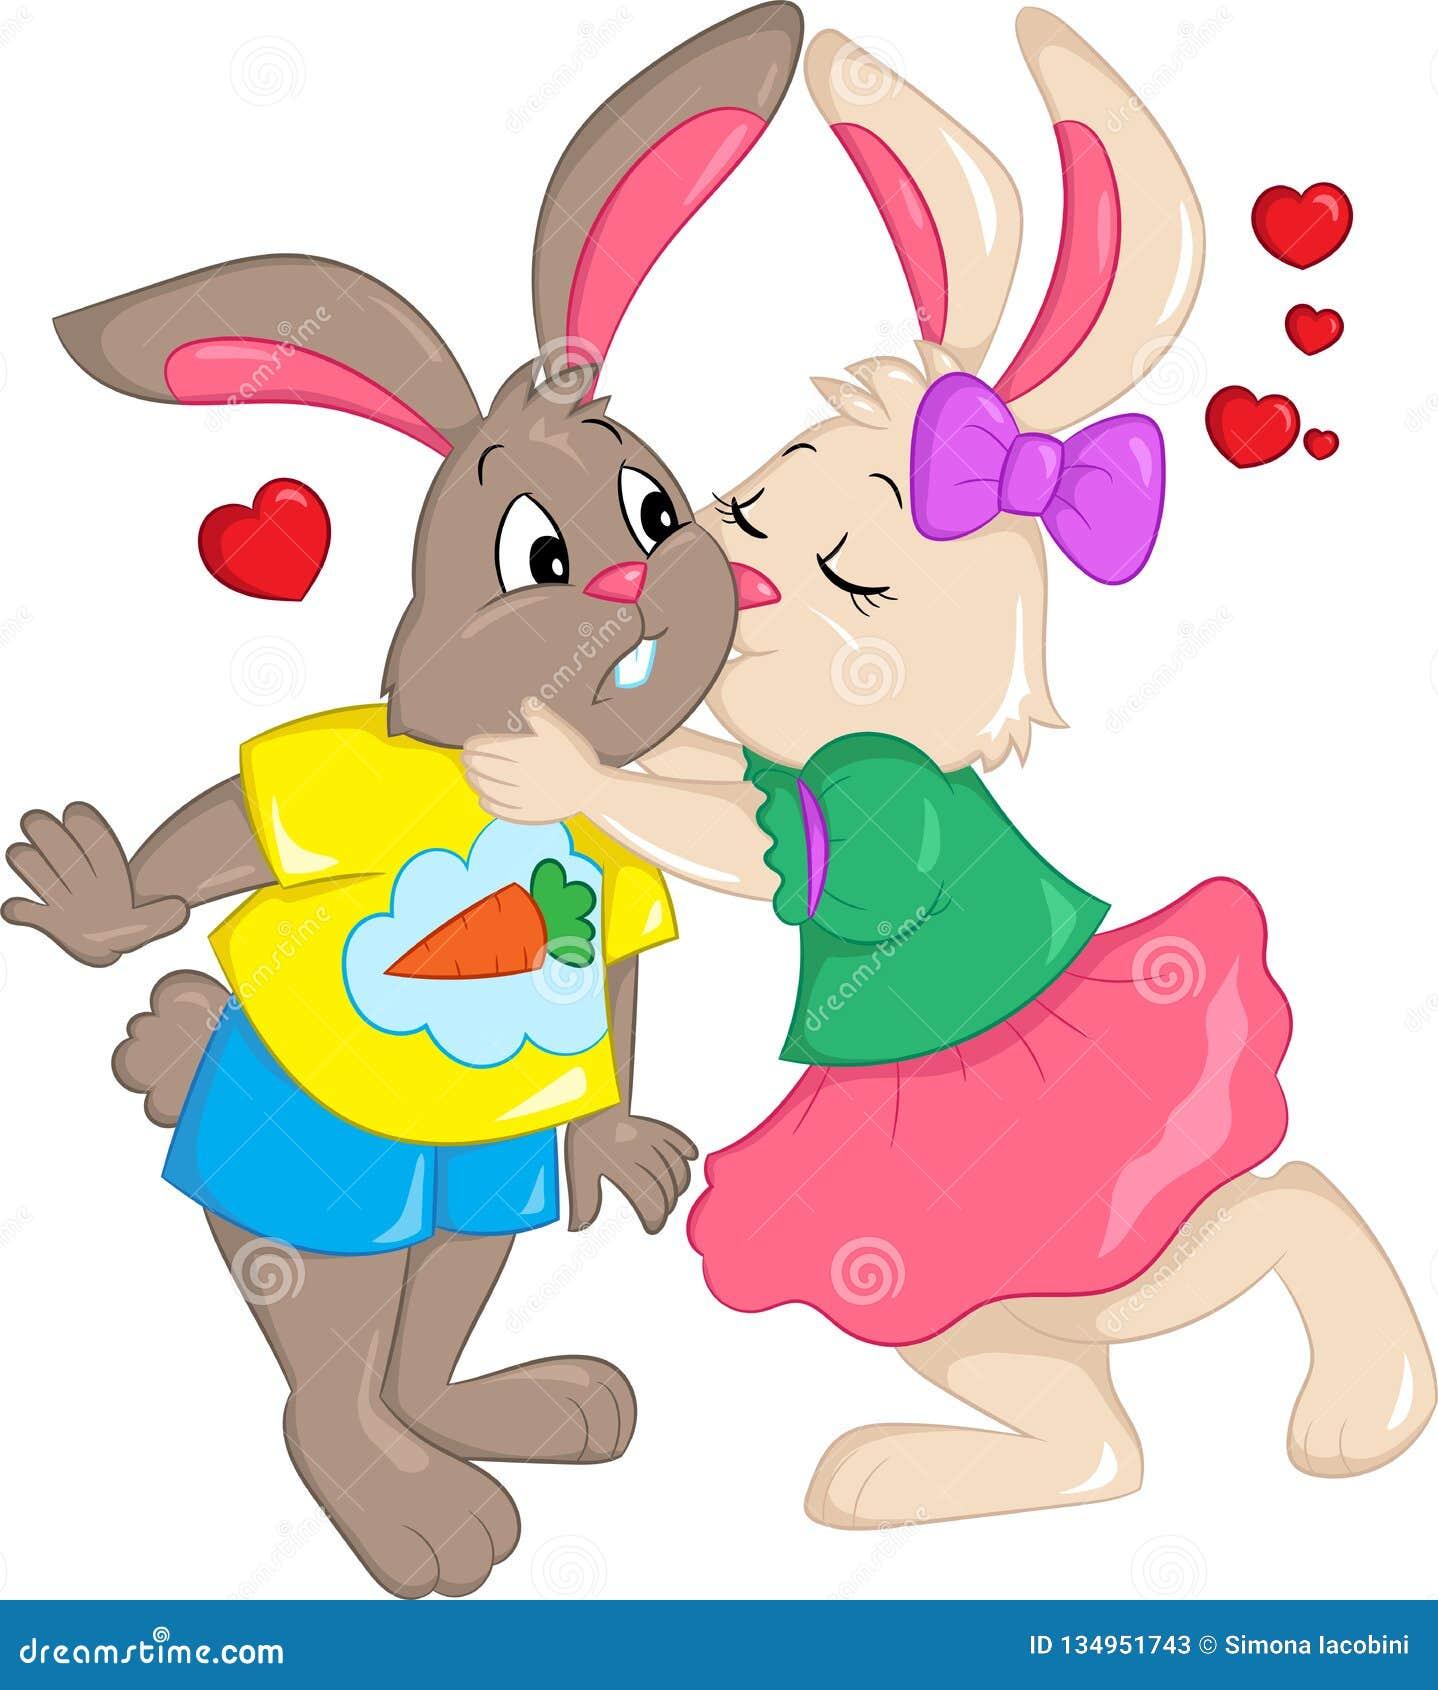 亲吻,与心脏的两三只兔子的彩色插图在天空中,儿童图书、情人节或者复活节卡片的,